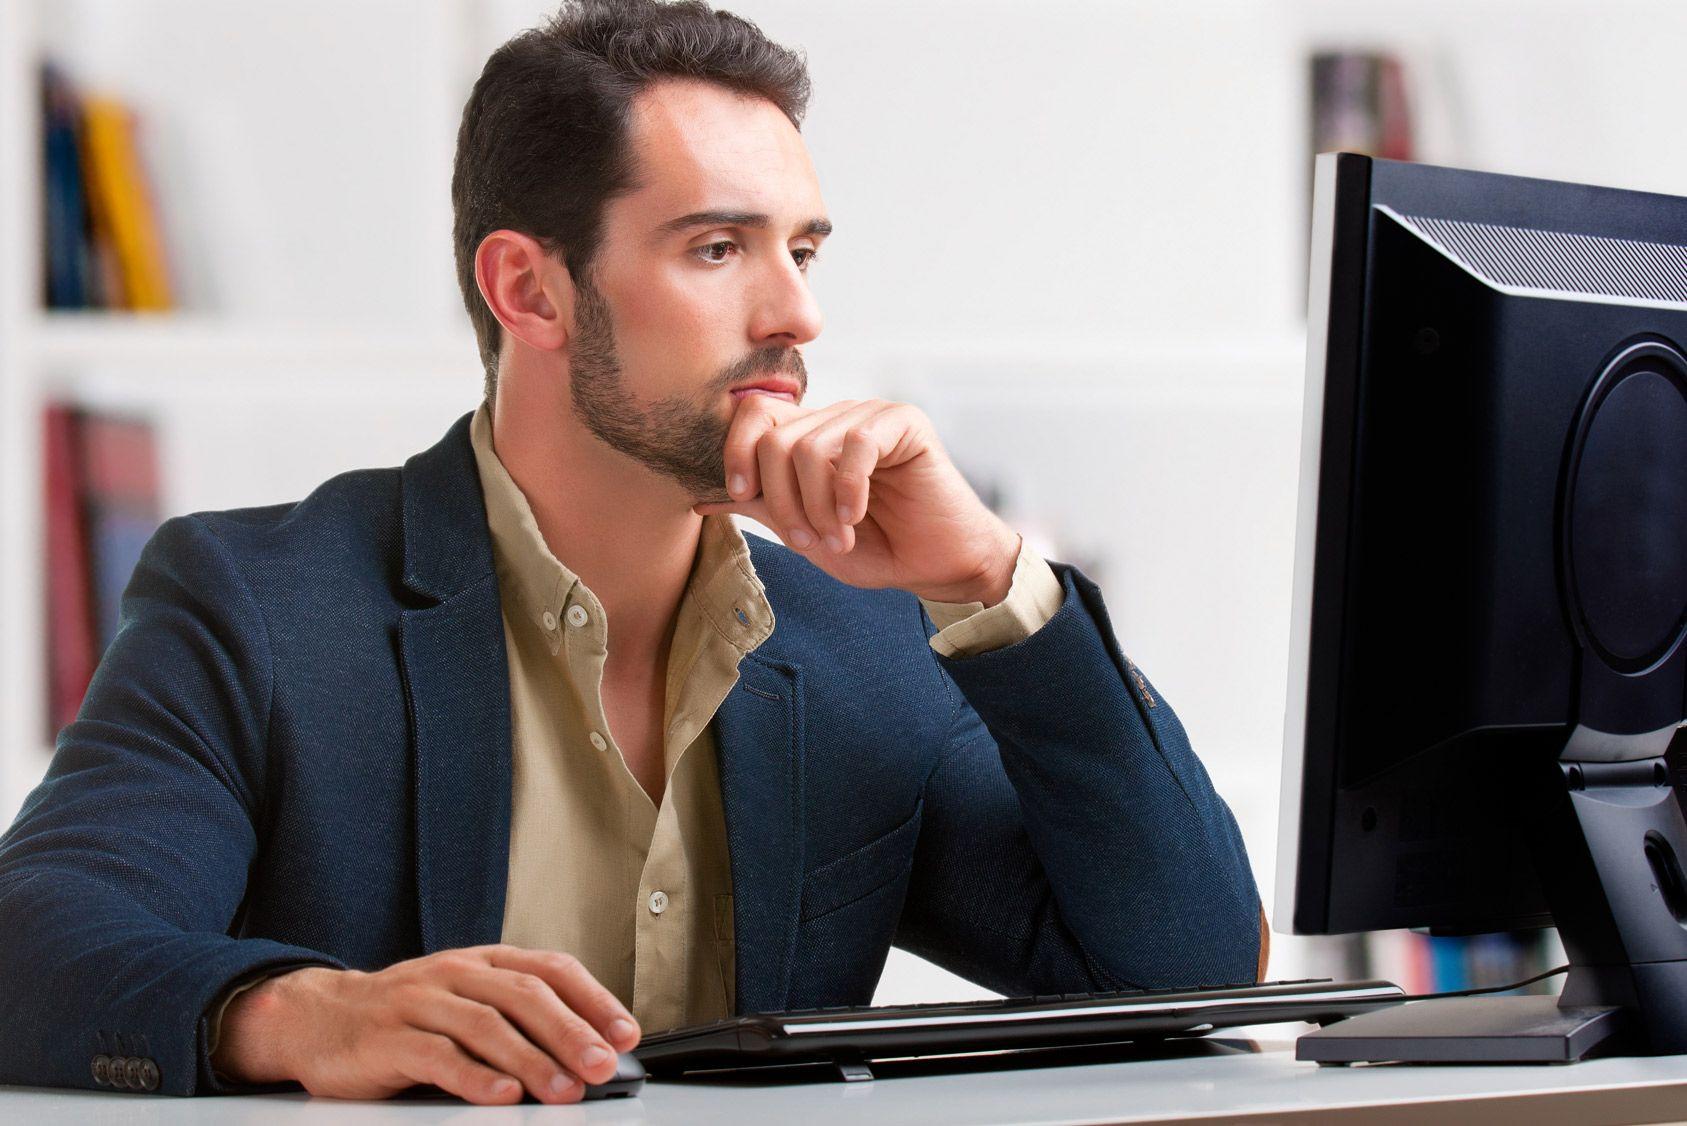 Les salariés peuvent-ils encore avoir des fichiers personnels au travail?